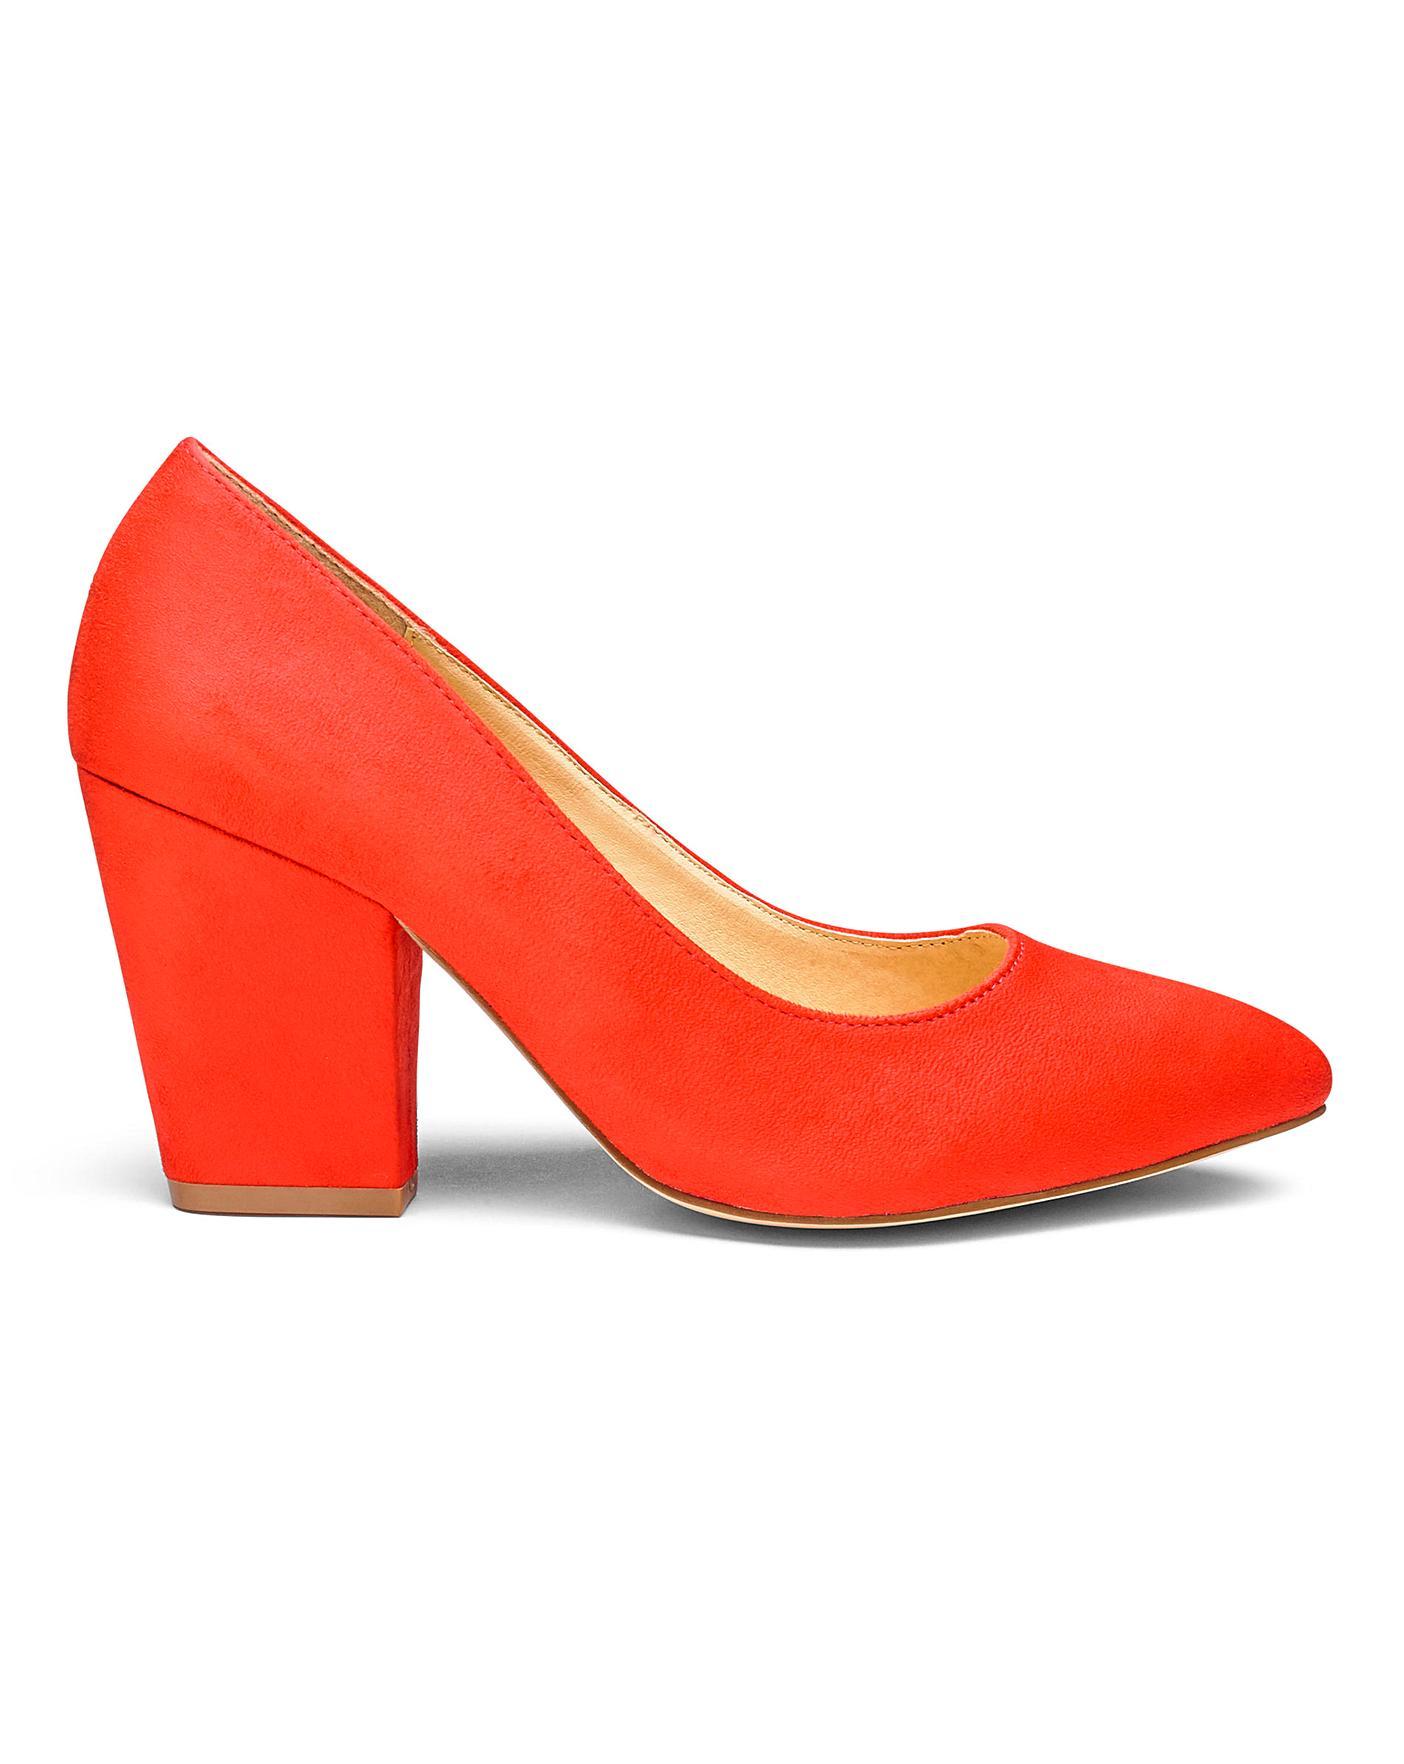 8172c60f3ab Block Heel Court Shoes EEE Fit